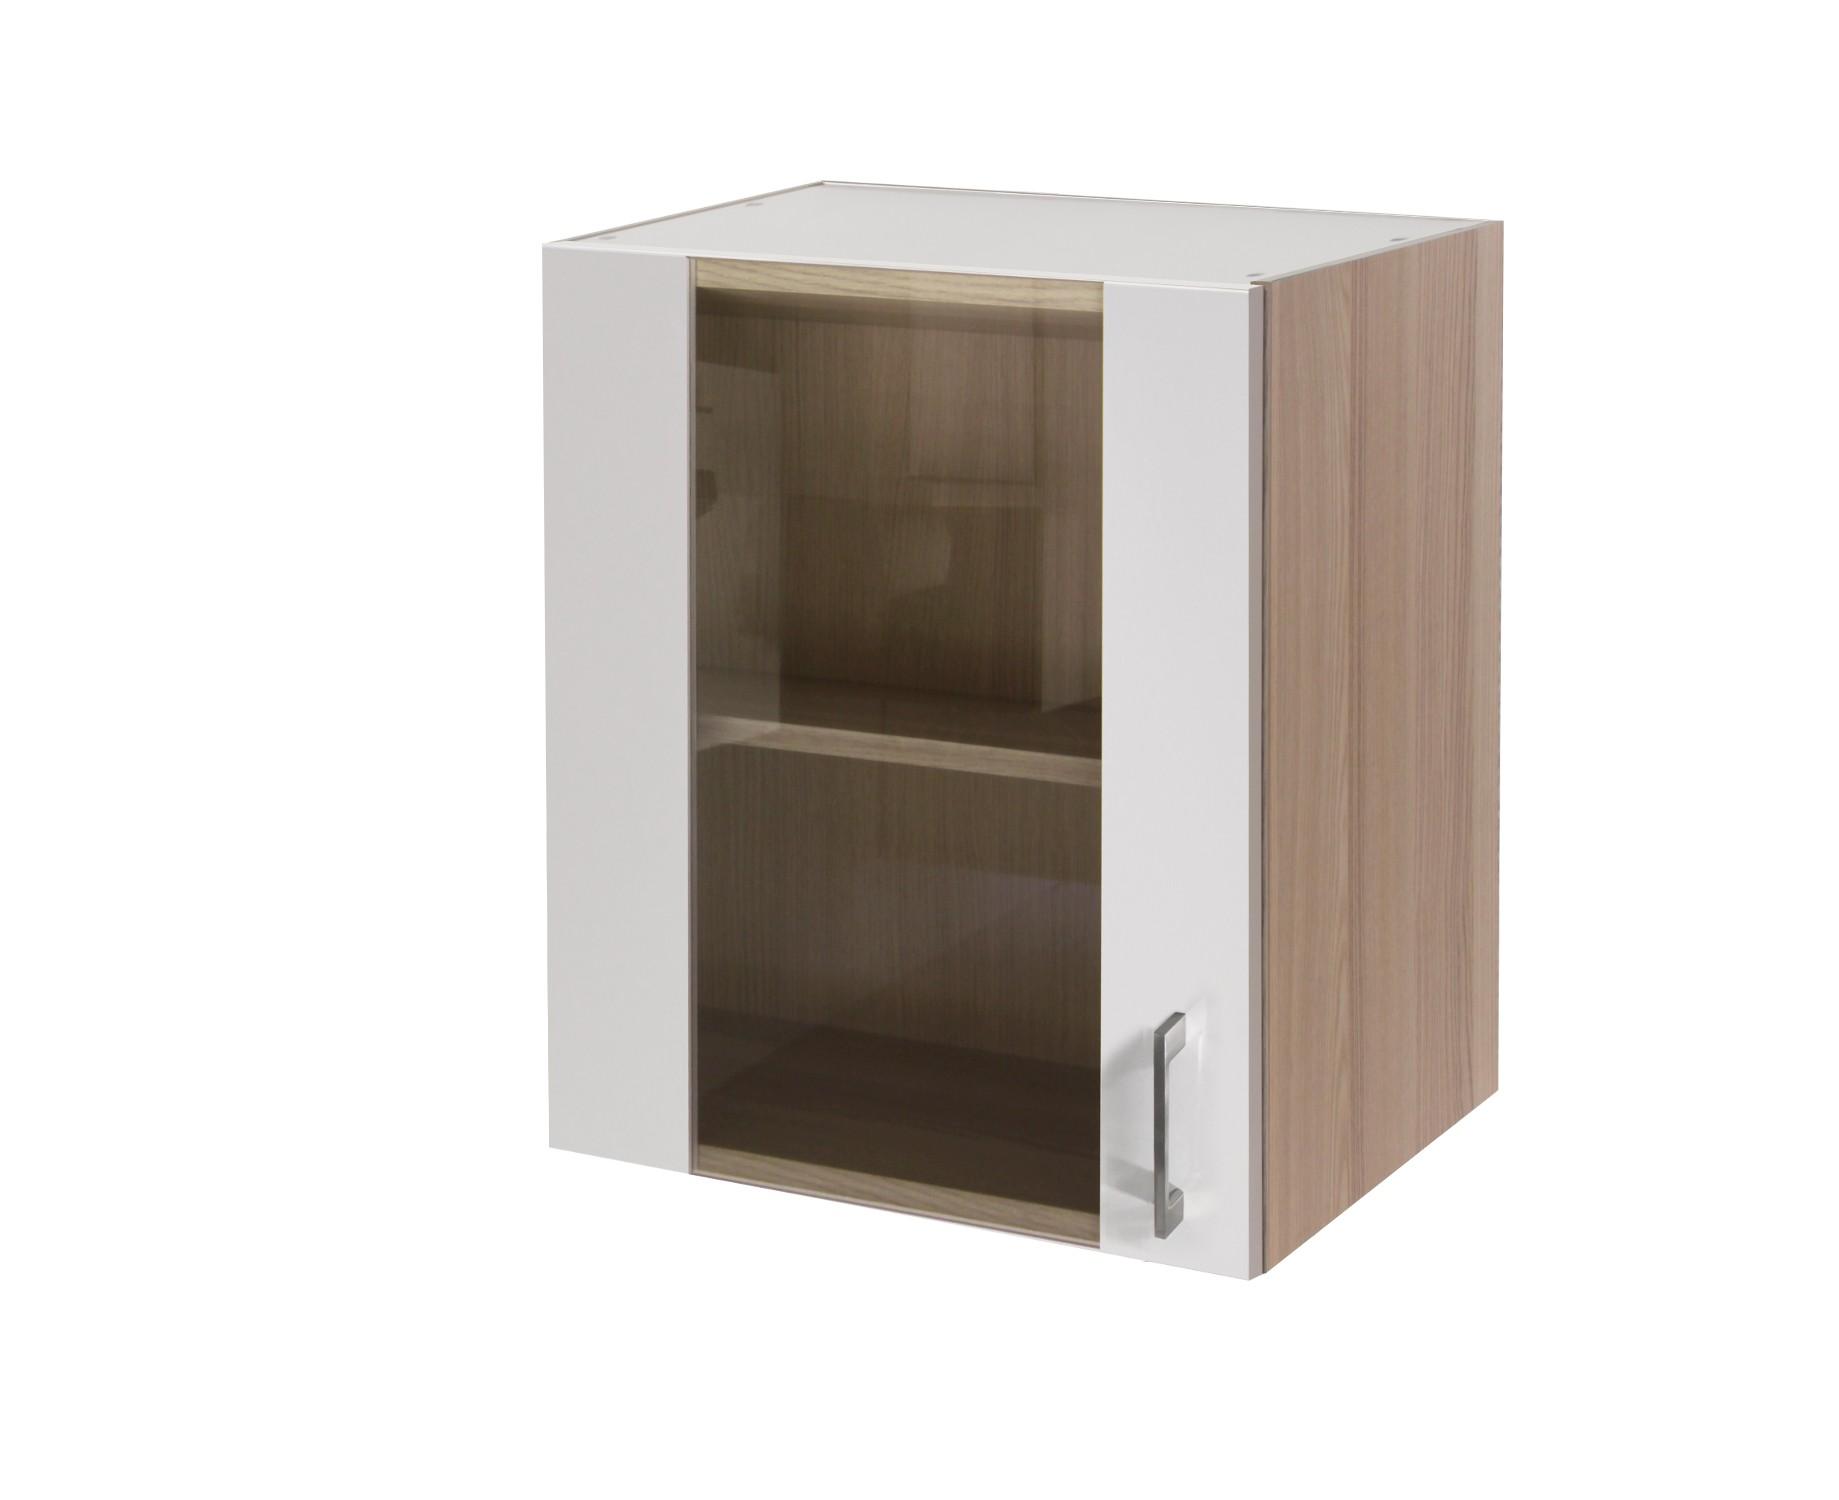 Küchen-Glashängeschrank FLORENZ - 1-türig - 50 cm breit - Perlmutt ...